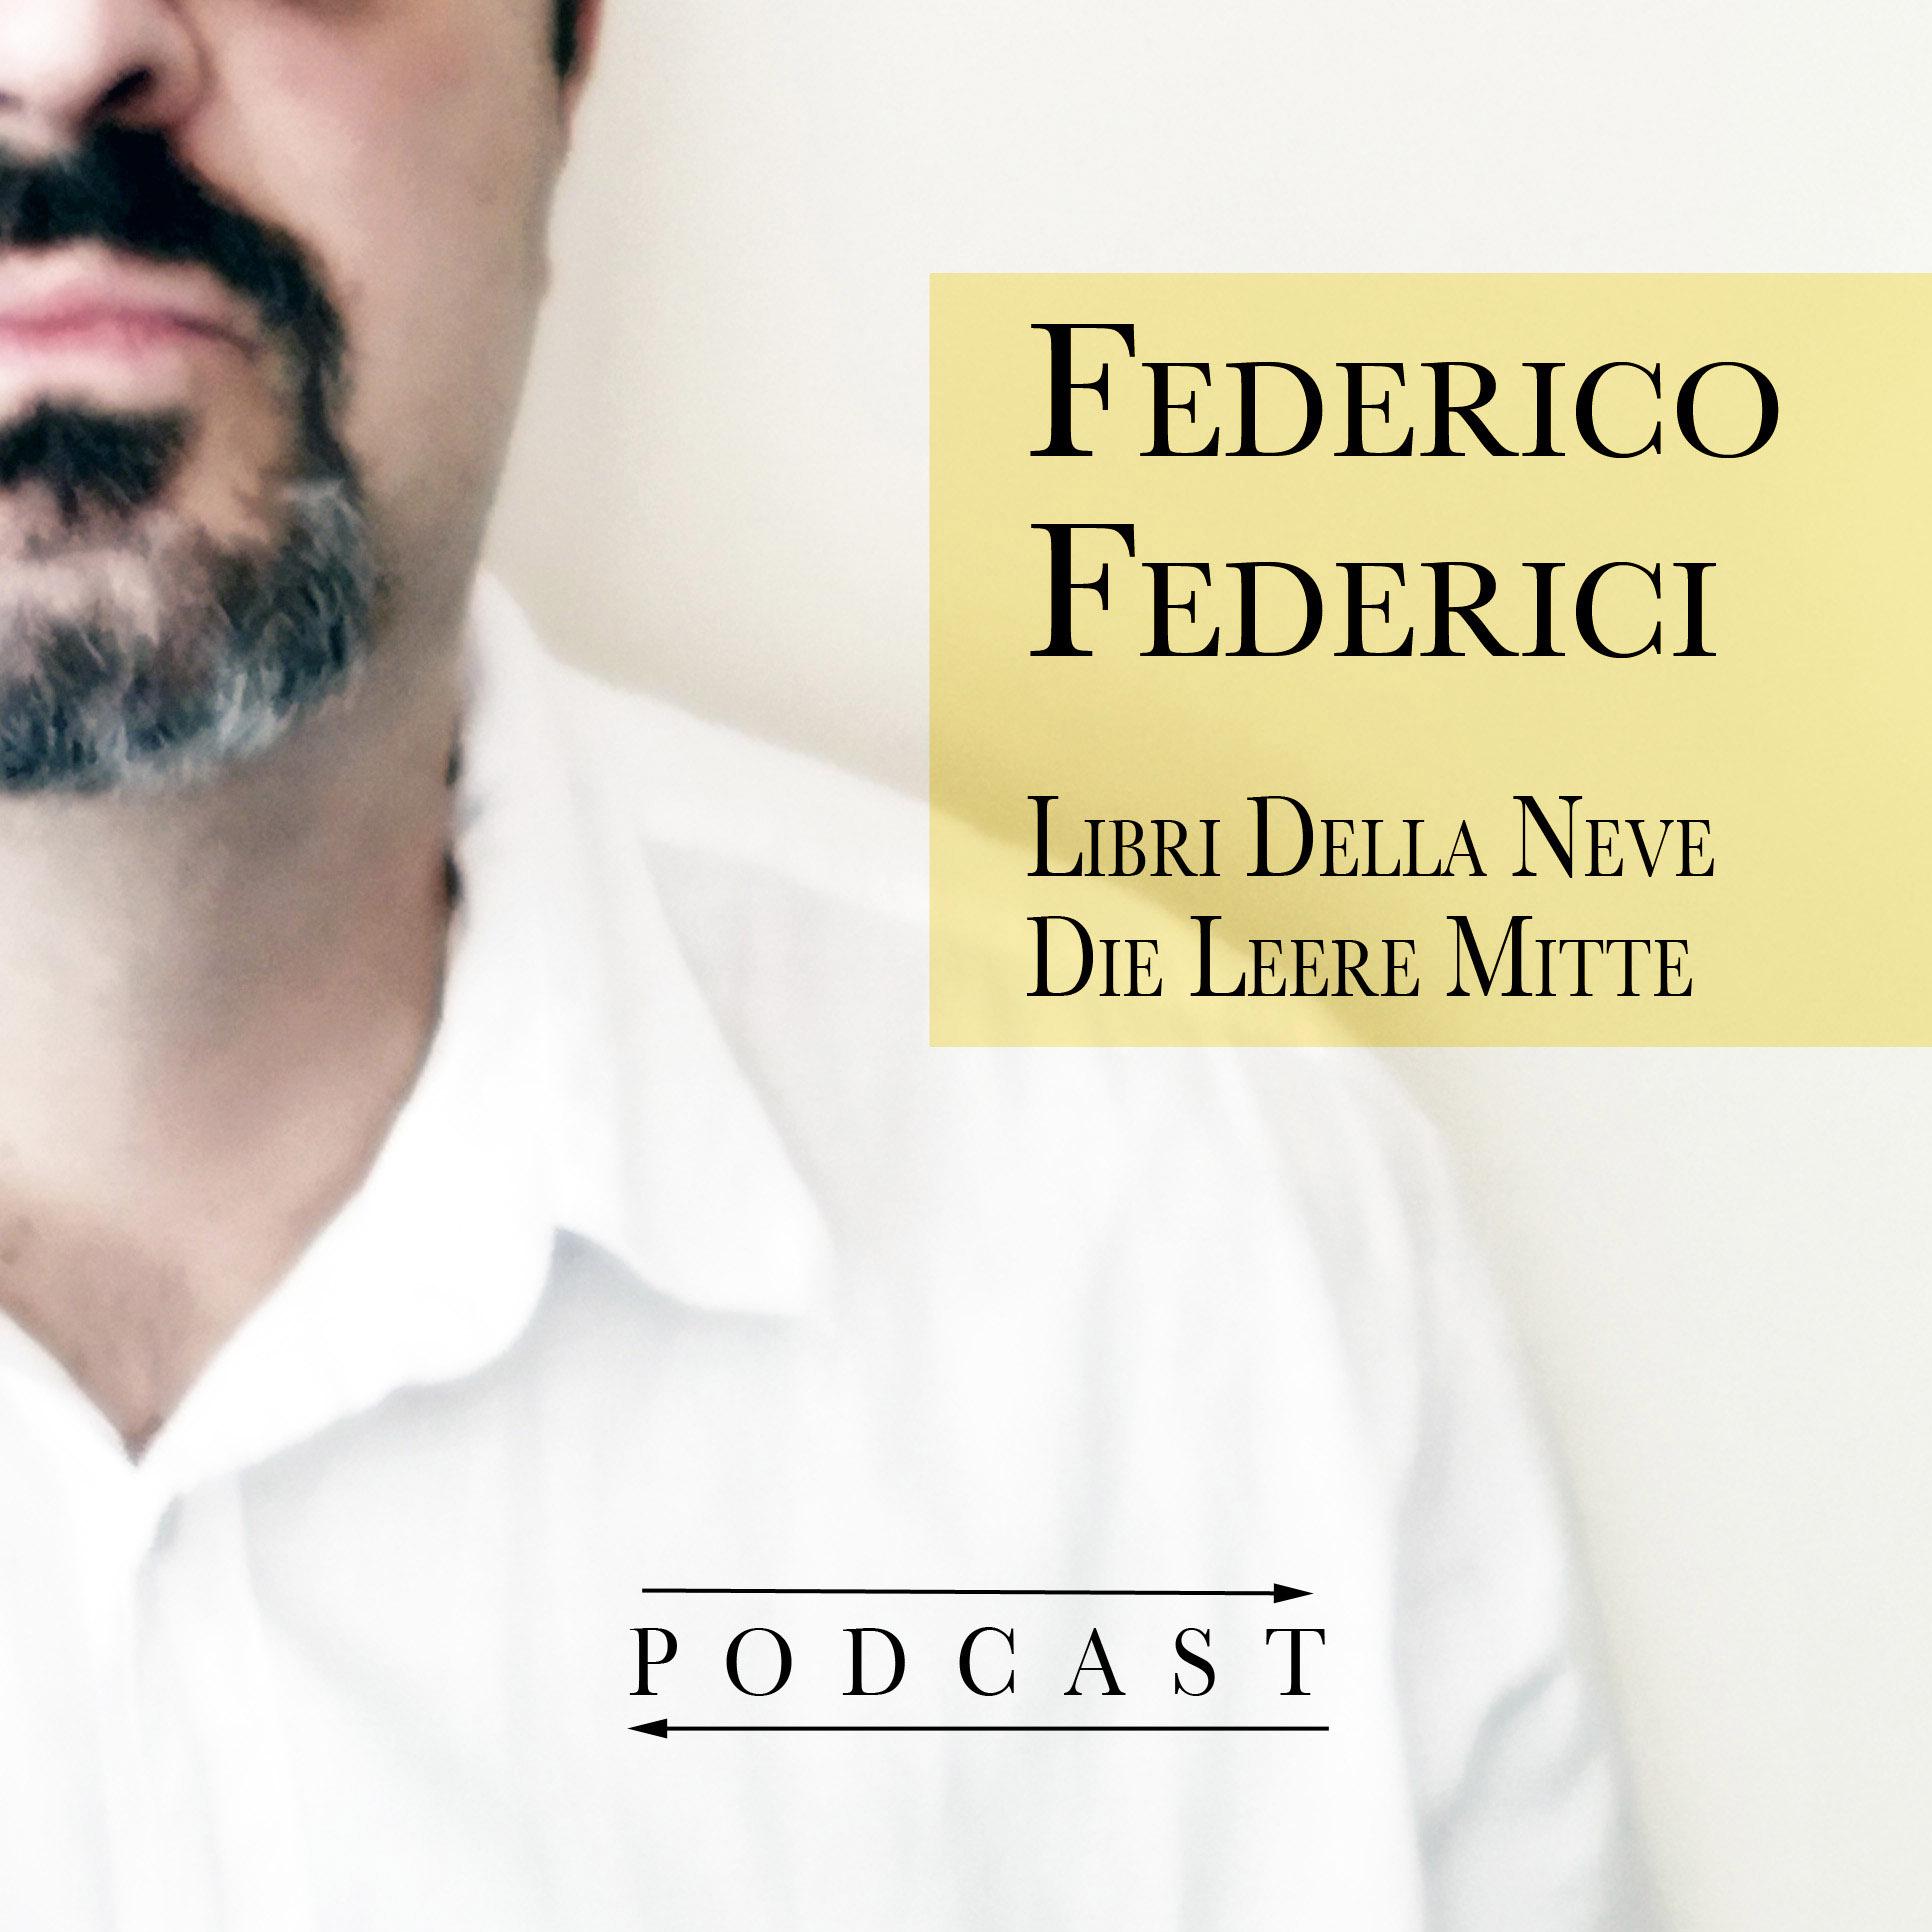 Federico Federici - Podcast